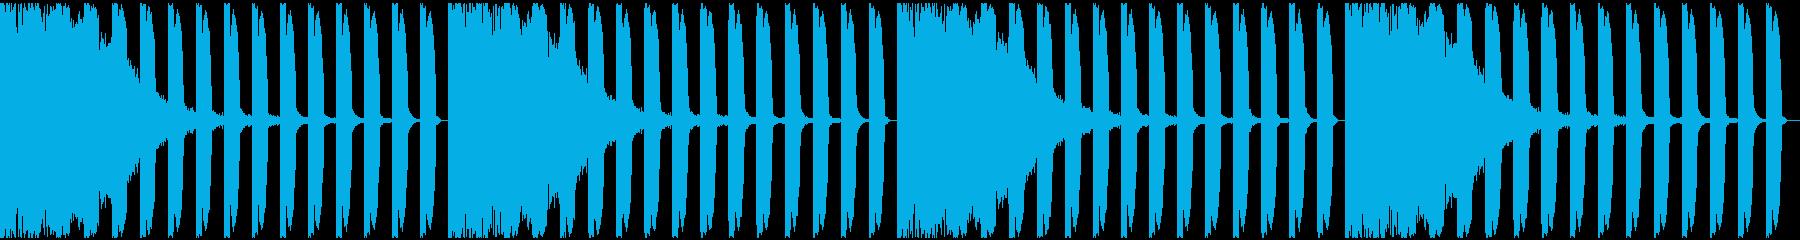 【EDM】ロング9、ミディアム1の再生済みの波形